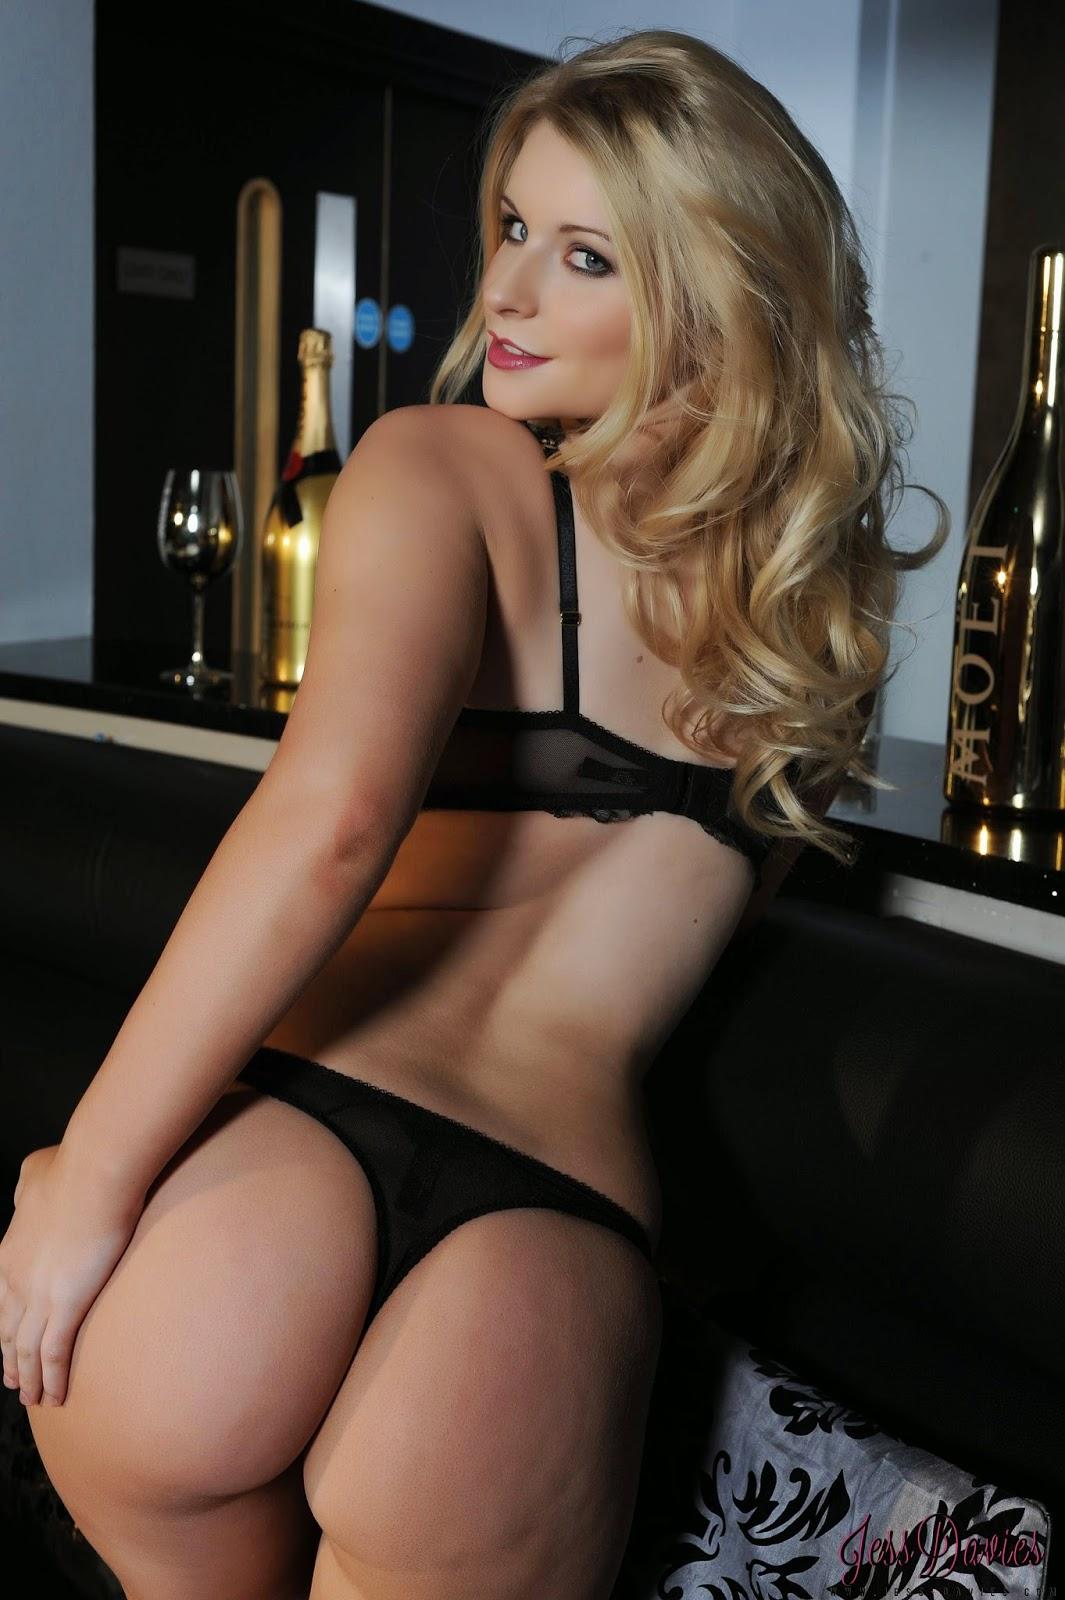 Striptease model